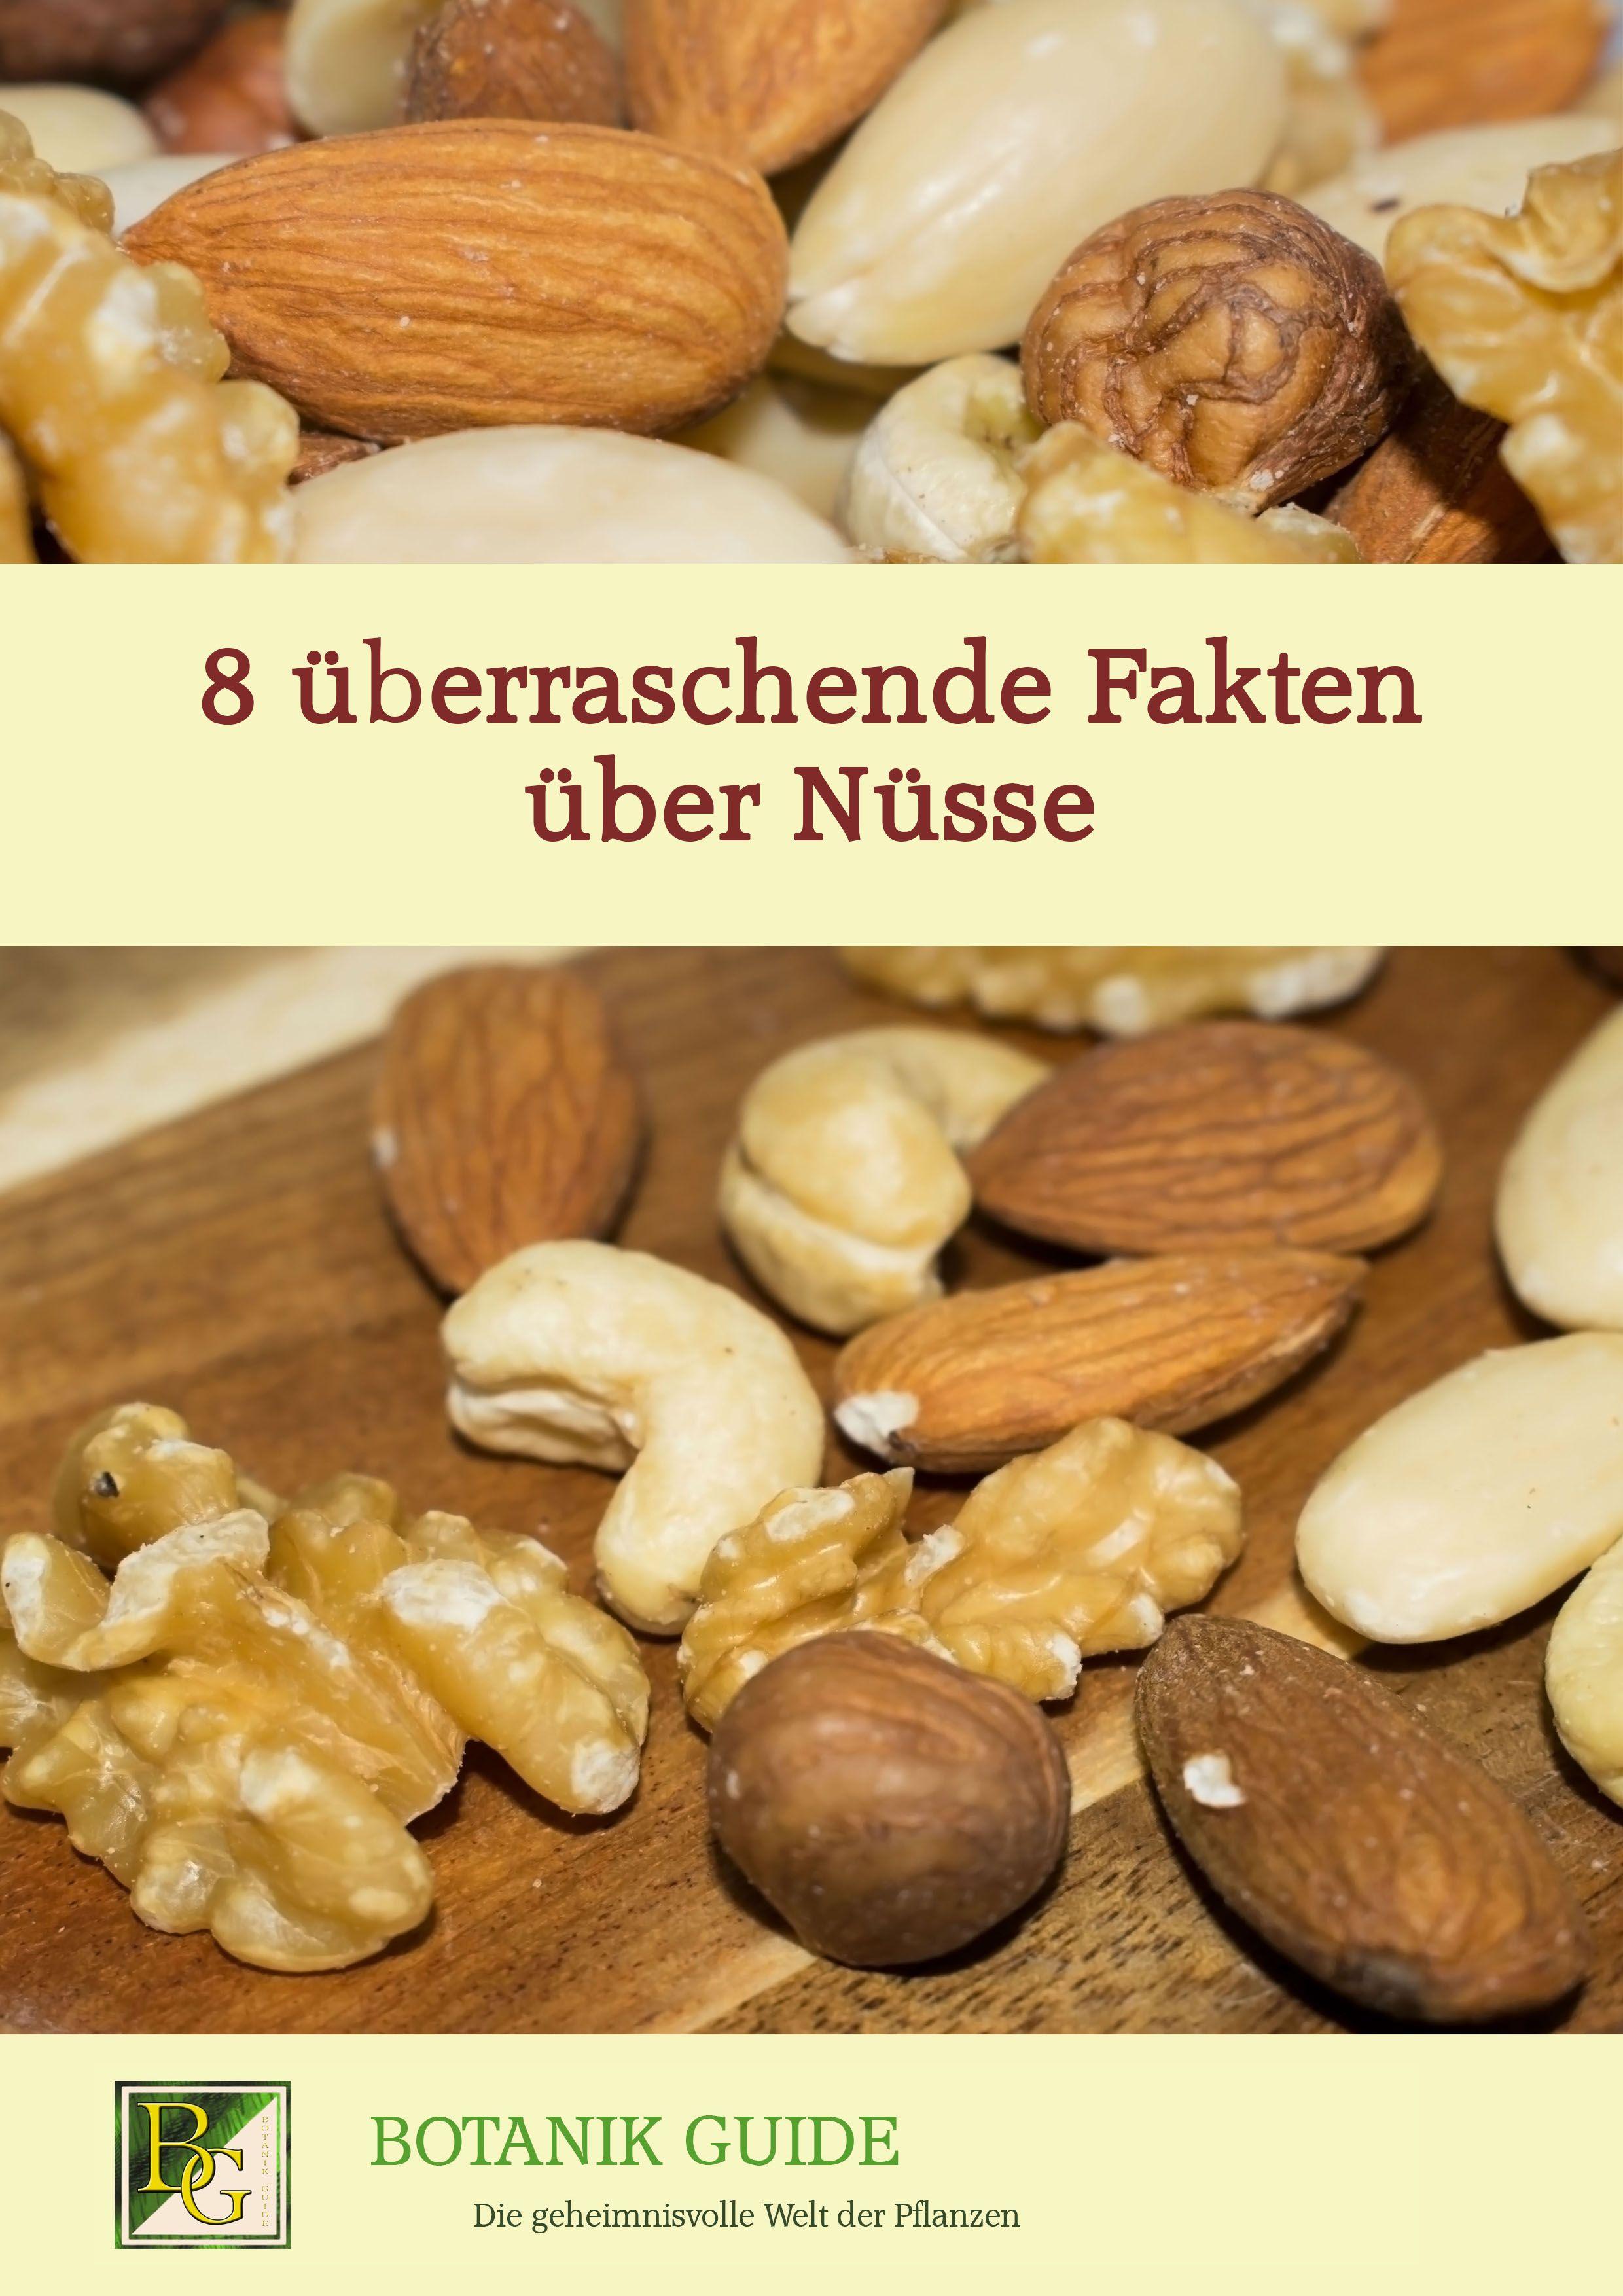 8 Uberraschende Fakten Uber Nusse Gesunde Ernahrung Pistazien Rezepte